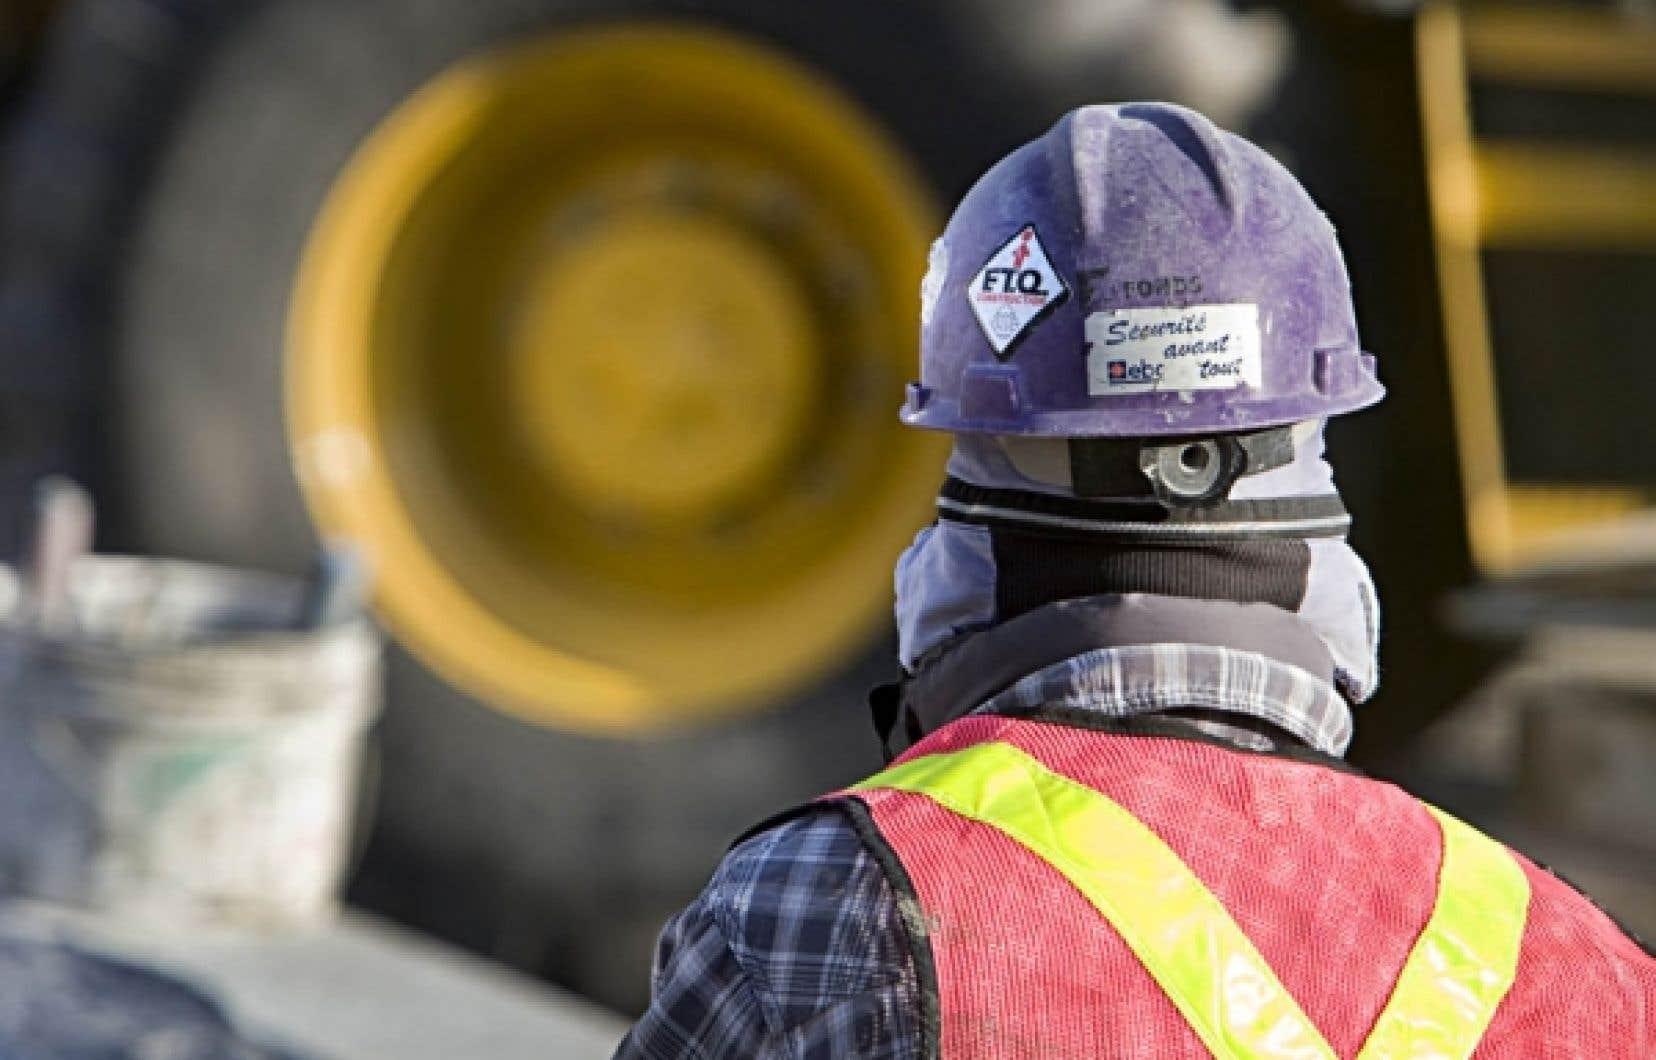 Un employé sur un chantier montréalais, hier. La FTQ-Construction ne veut toujours pas d'enquête publique sur les pratiques douteuses dans la construction.